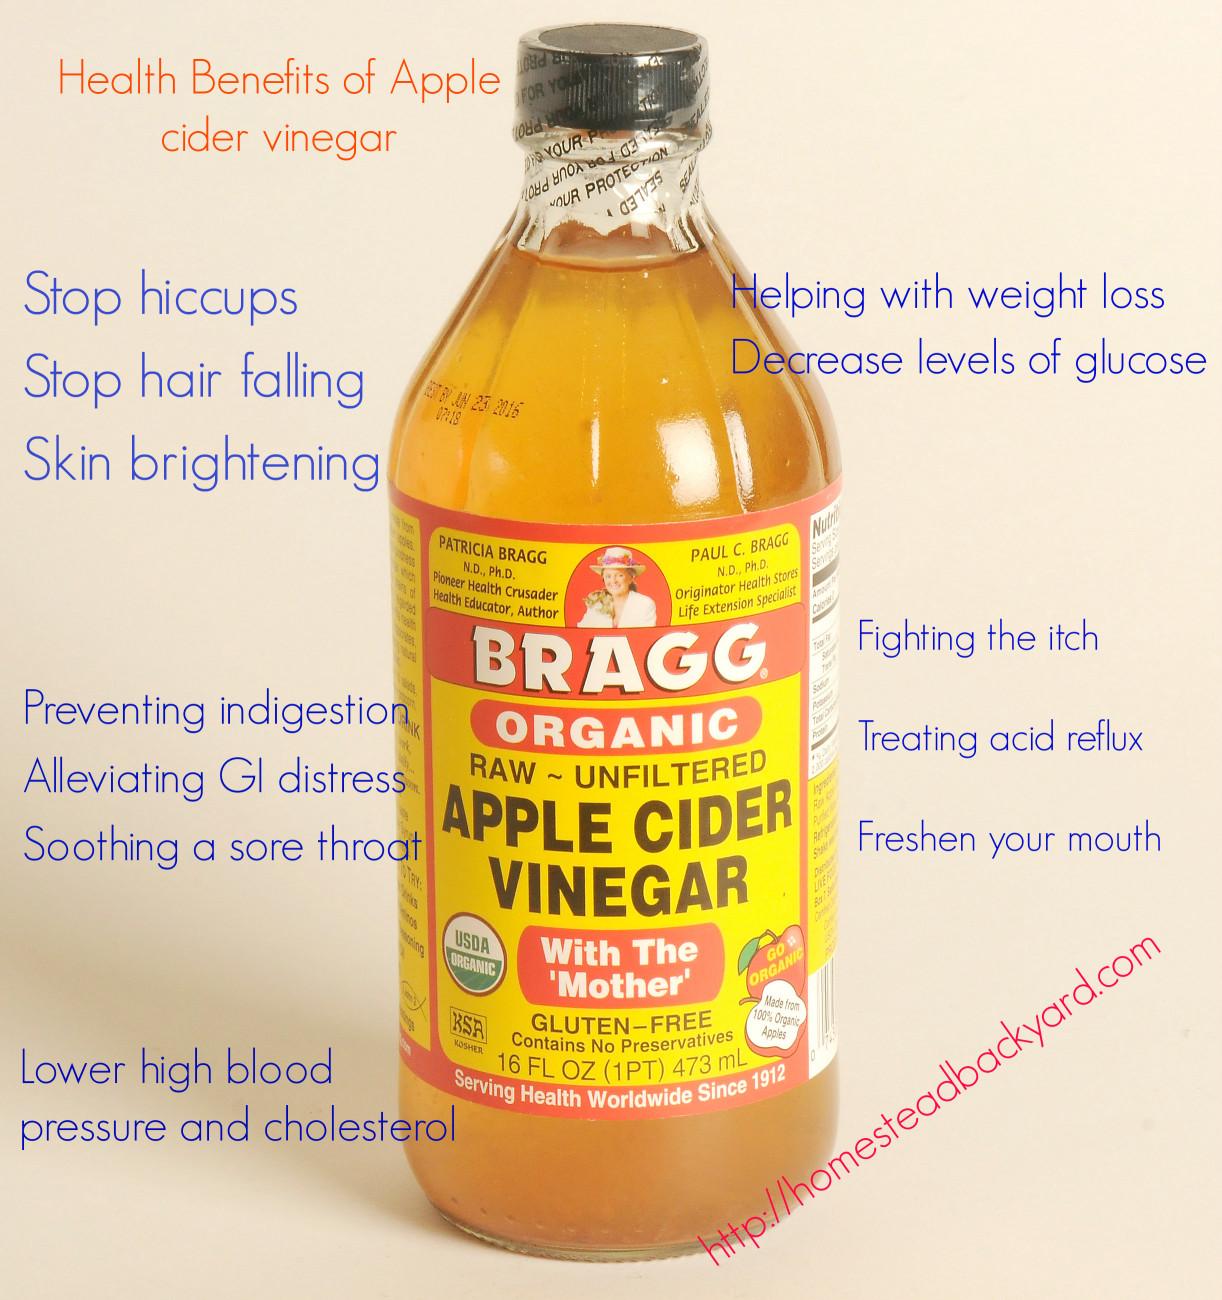 Apple Cider Vinegar Benefits  Health Benefits of Apple cider vinegar